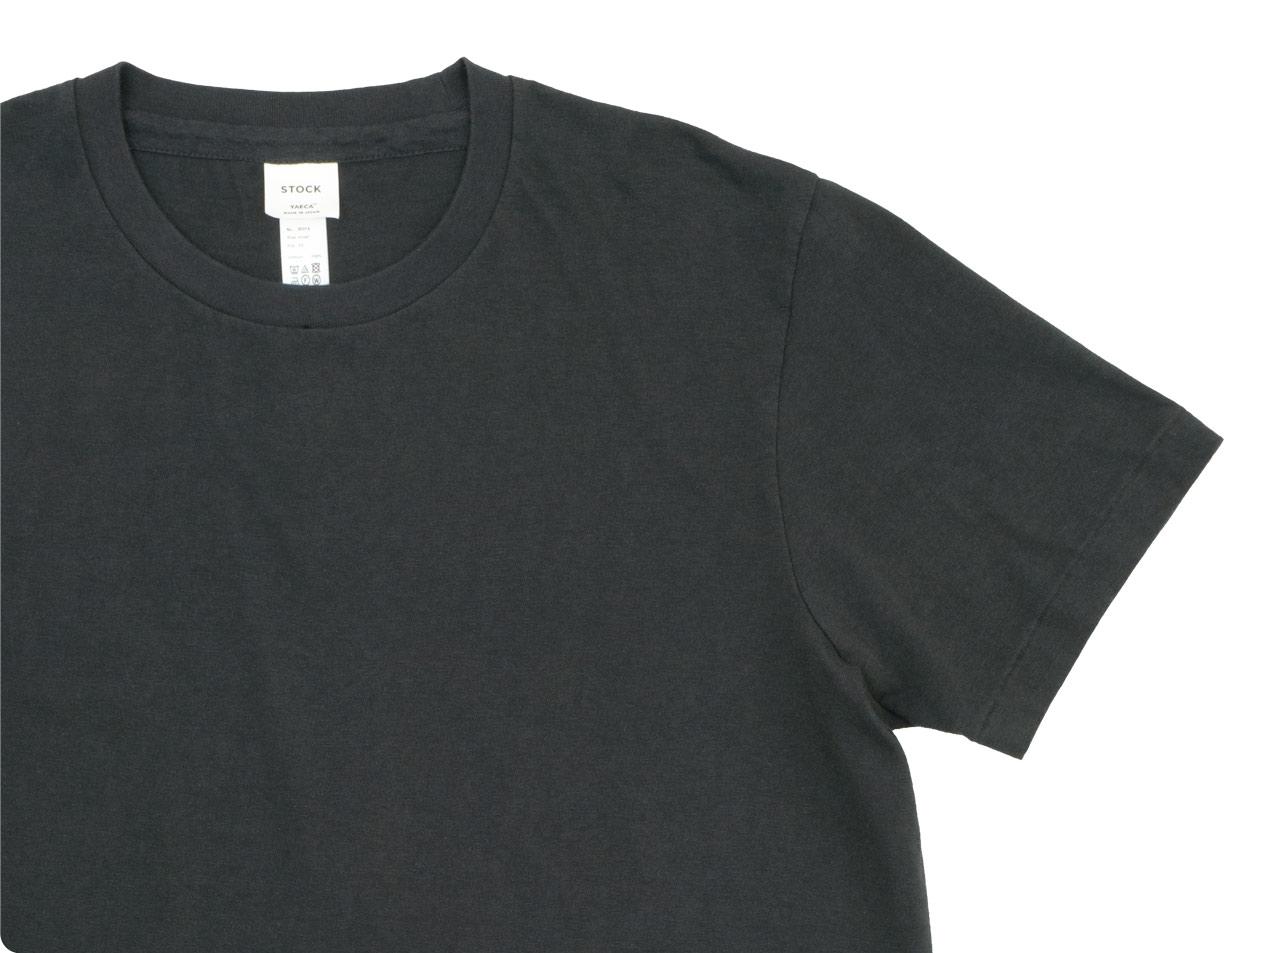 YAECA STOCK クルーネック 半袖Tシャツ 〔メンズ〕